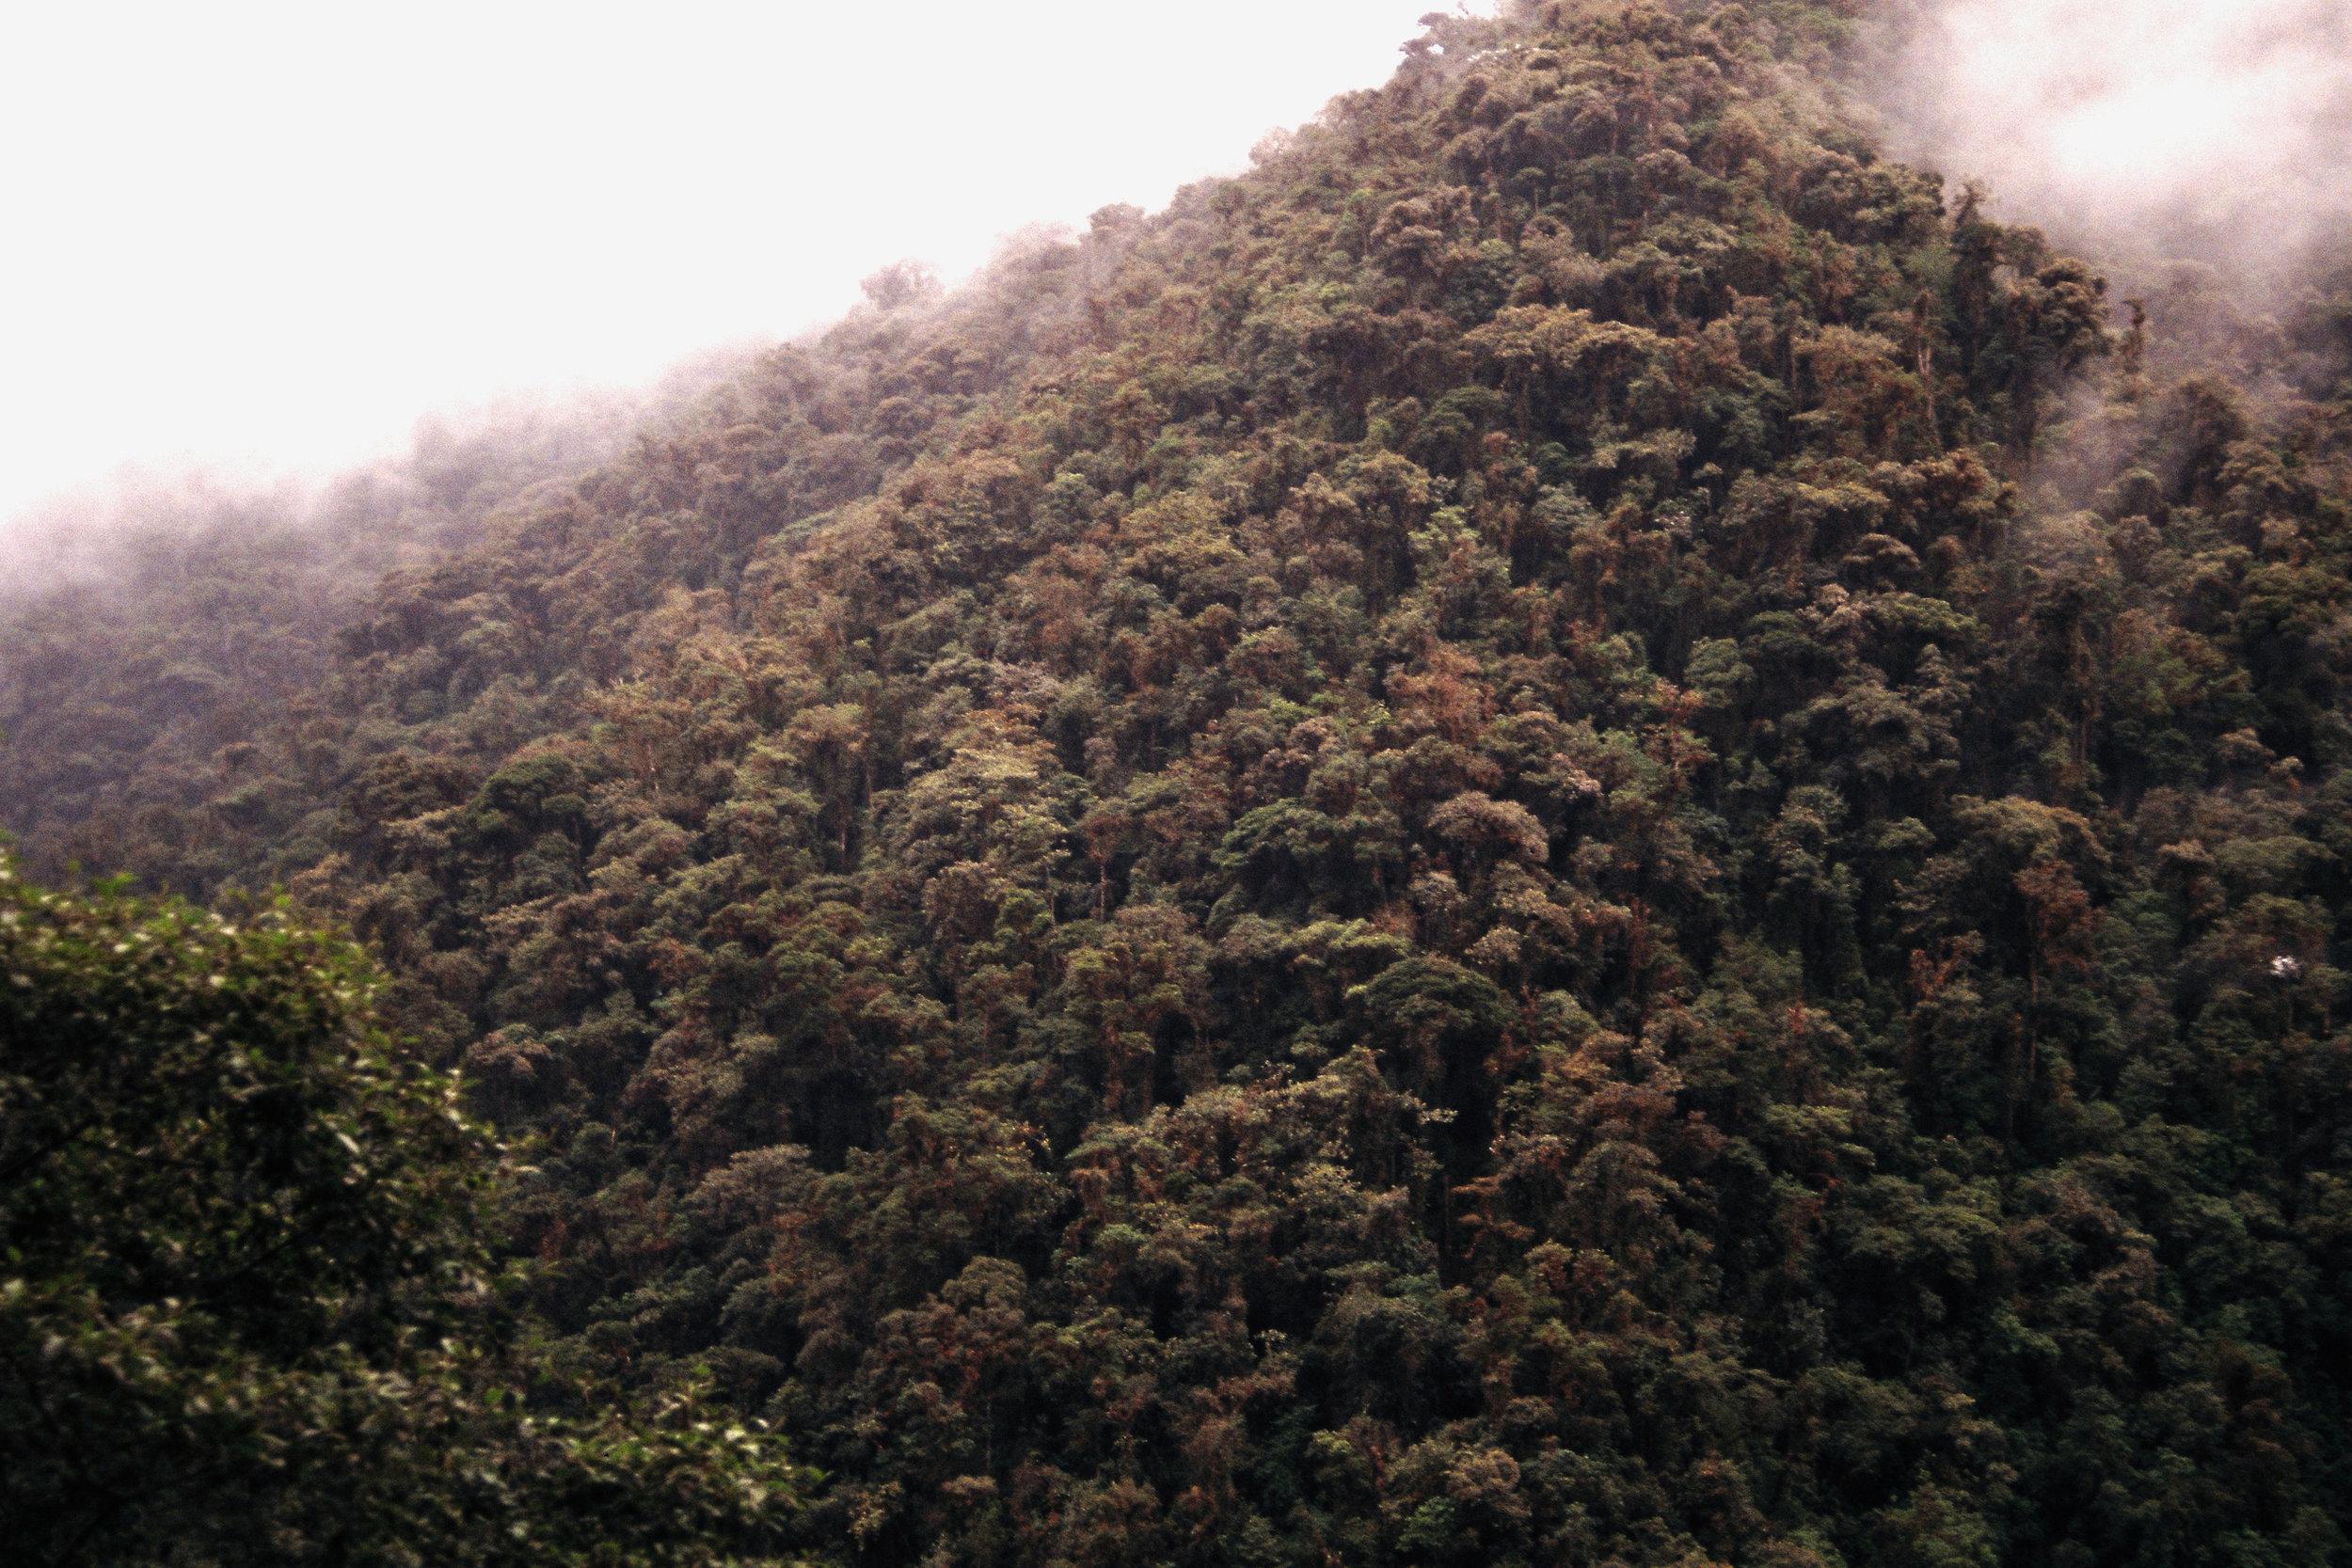 bosque nublado.jpg